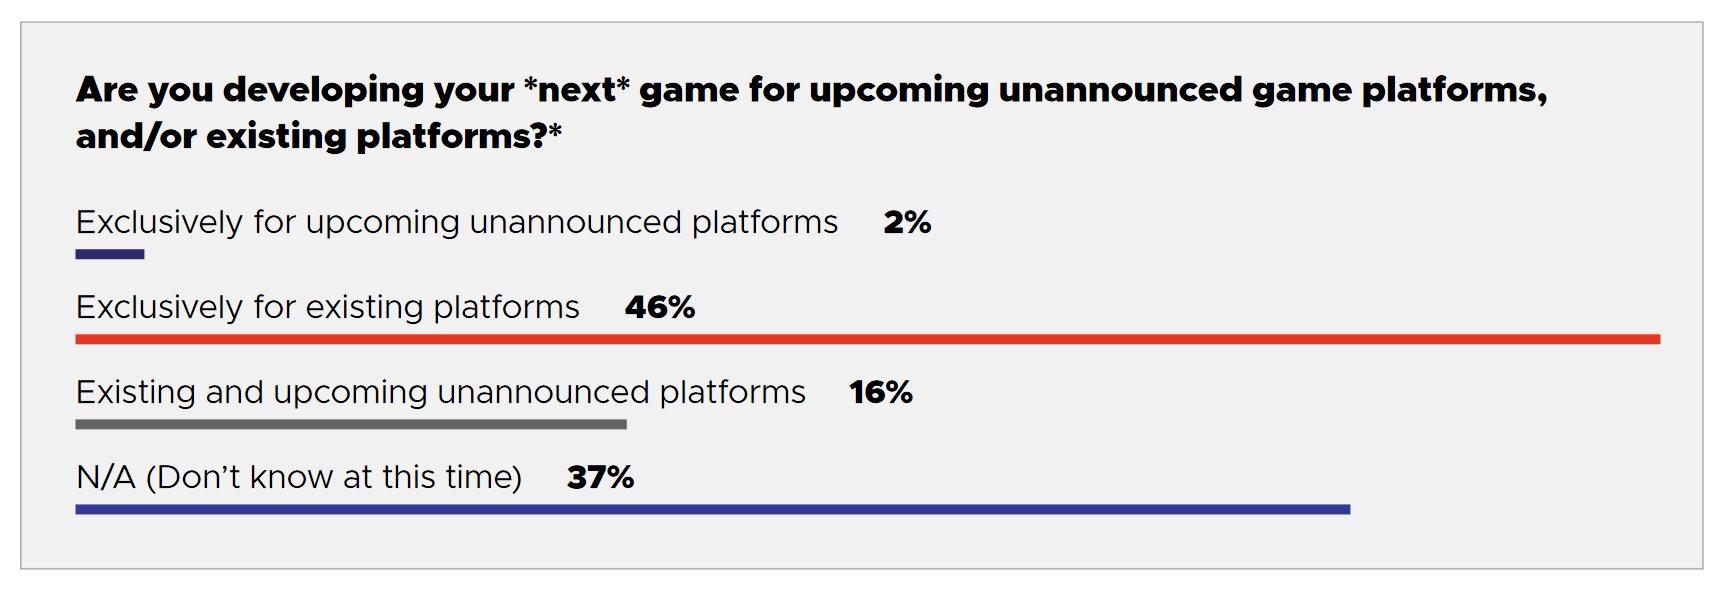 Spieleentwicklung für noch nicht bestätigte Plattformen